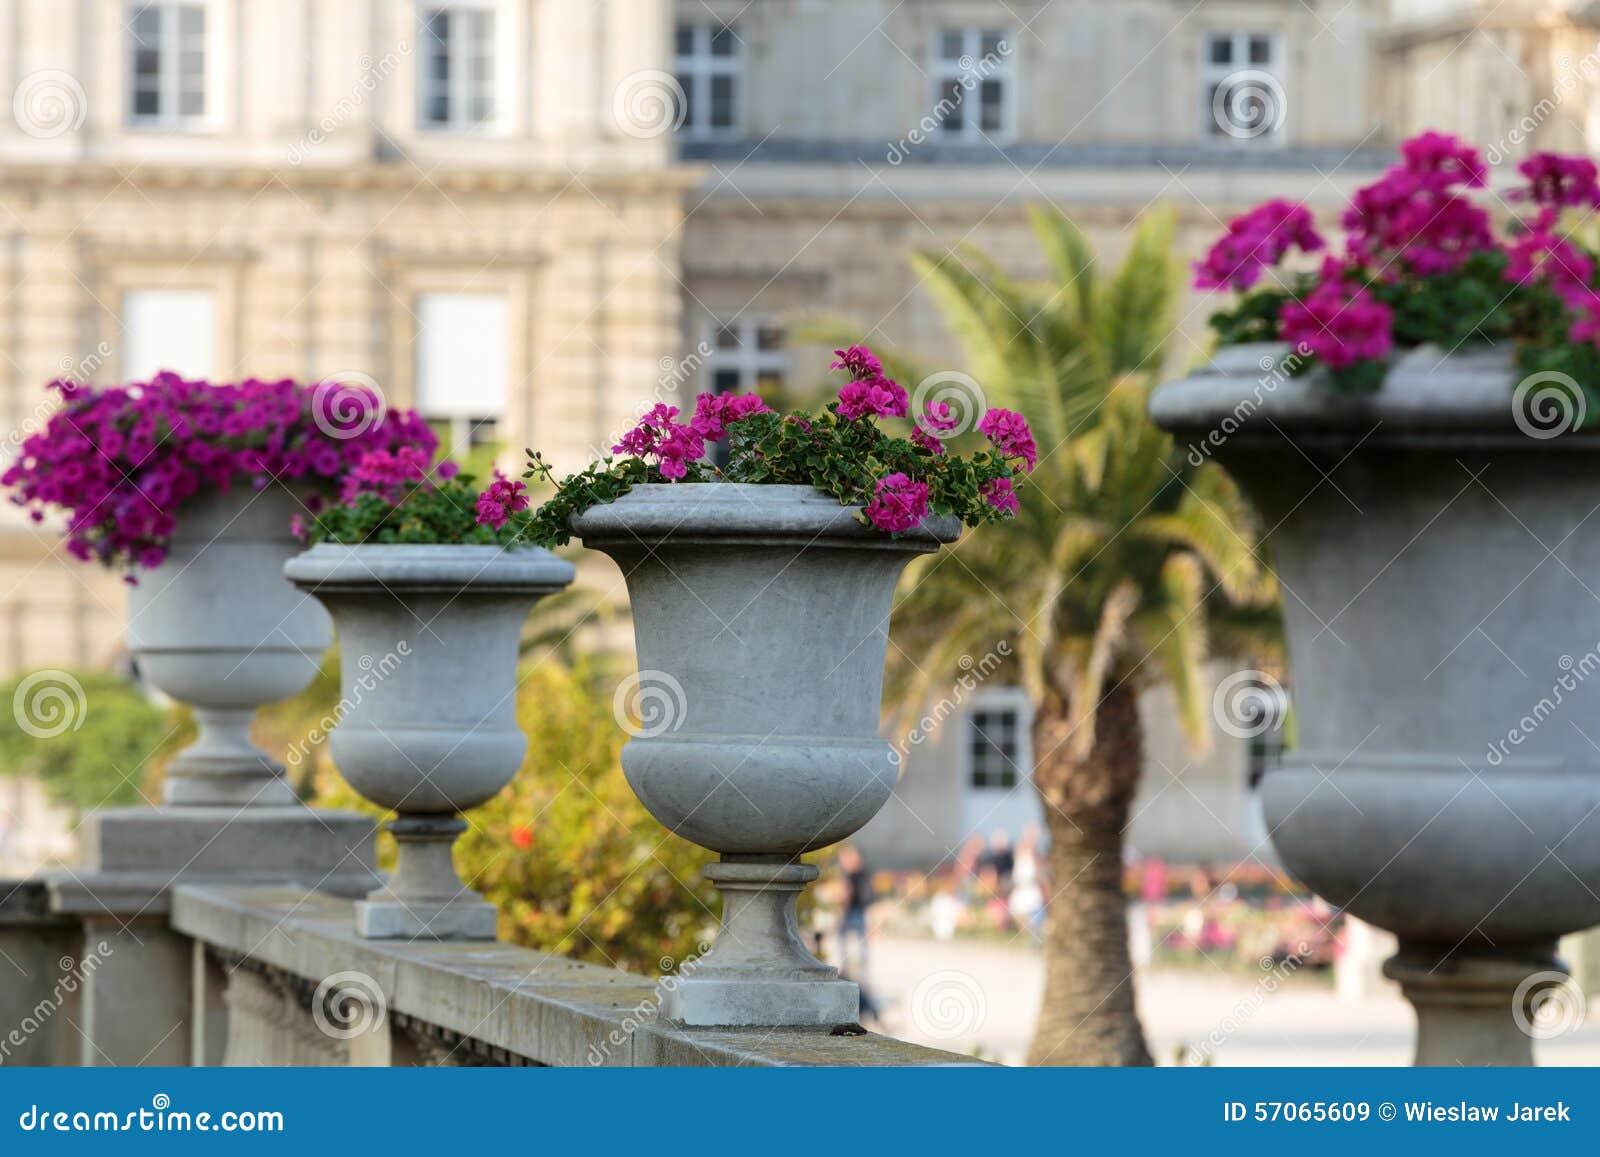 Bloembedhoogtepunt van bloemen in de tuin van Luxemburg, Parijs